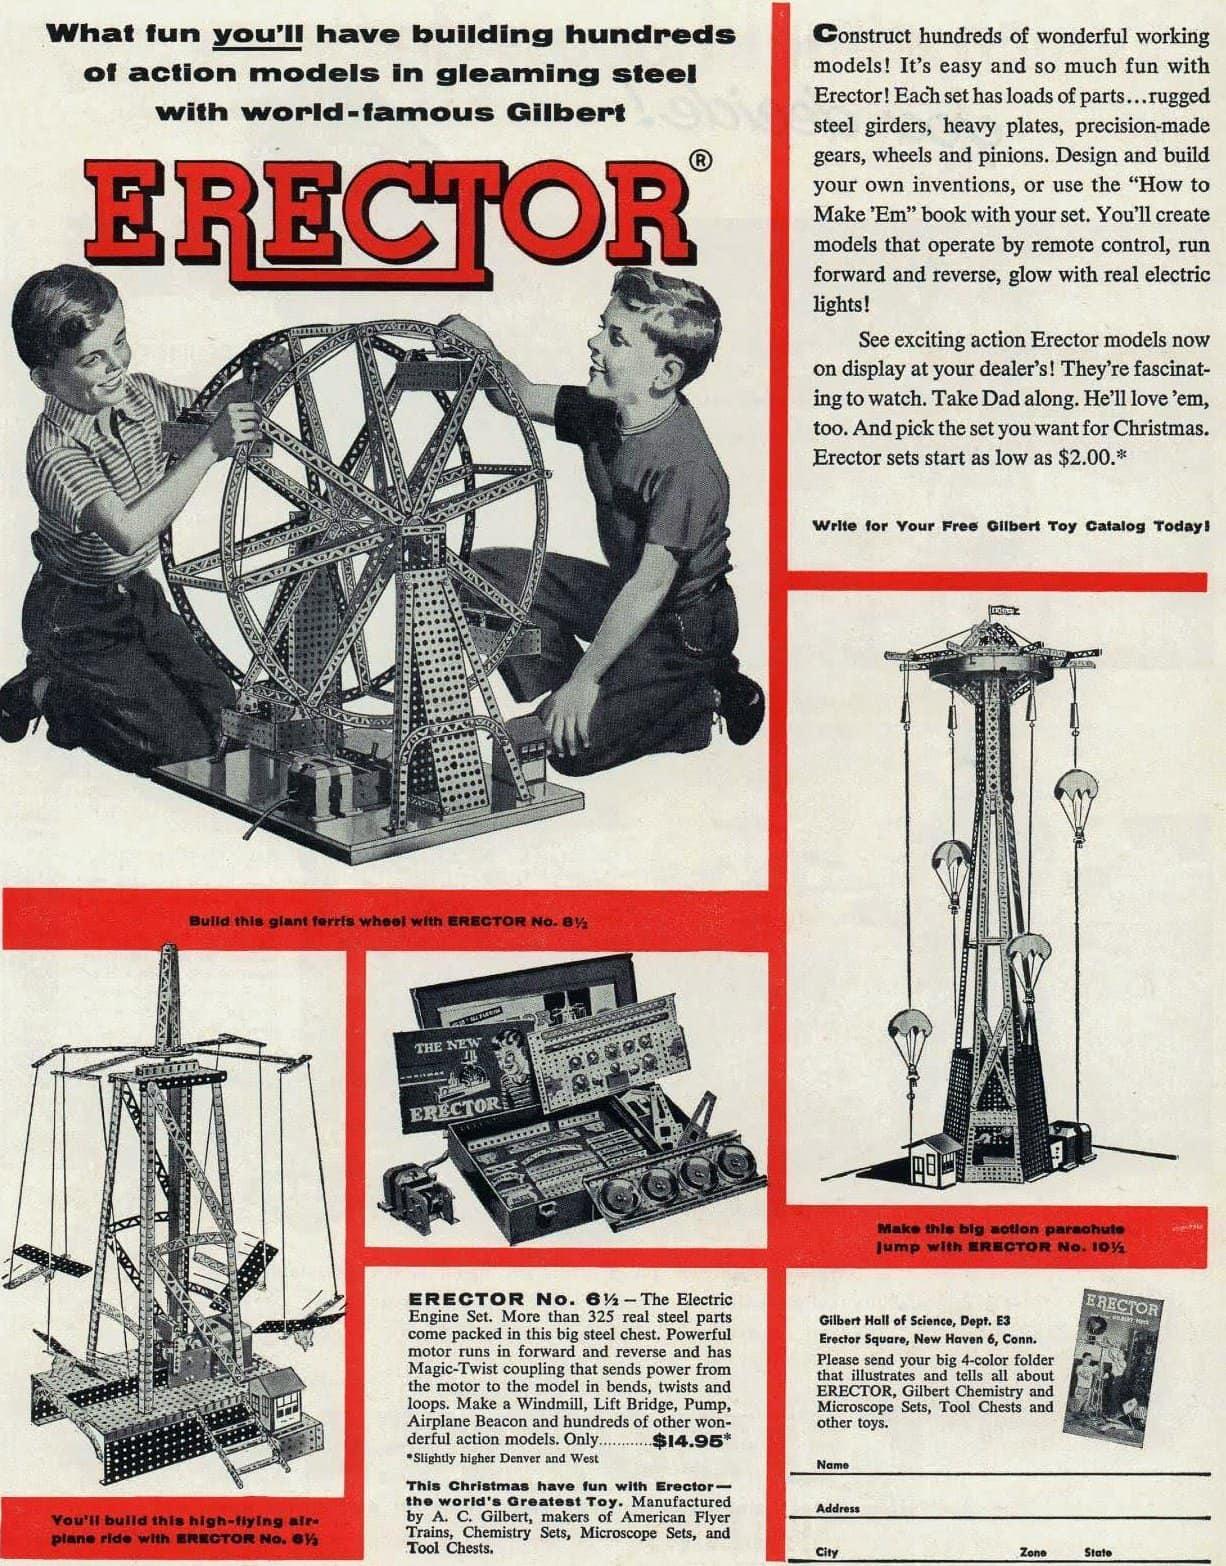 1955 Erector Set toys